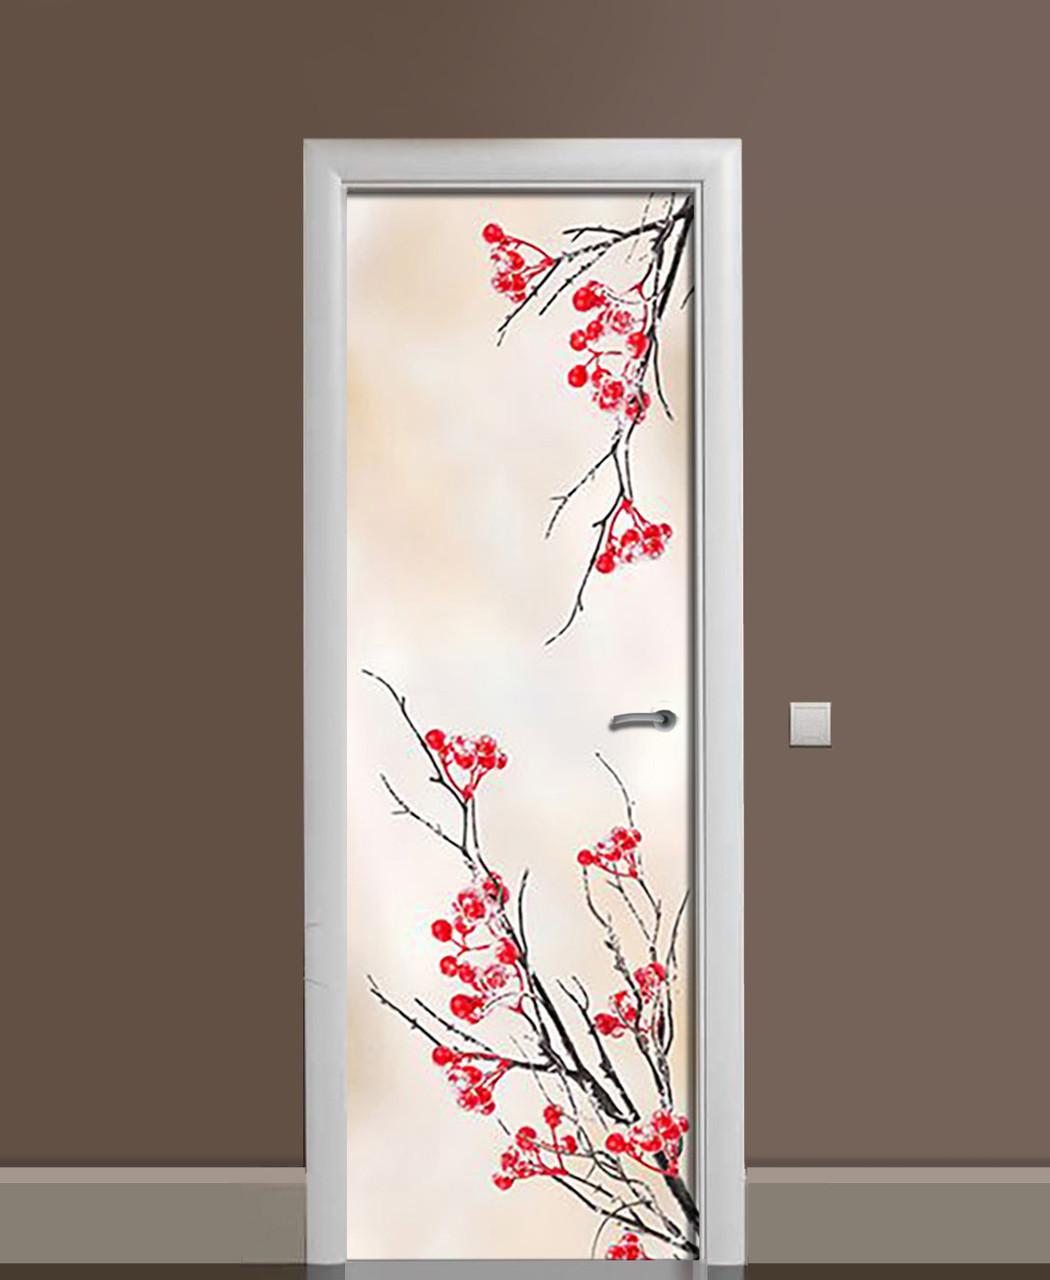 Декоративная наклейка на двери Калина в инее Красные ягоды ПВХ пленка с ламинацией 65*200см Растения Бежевый